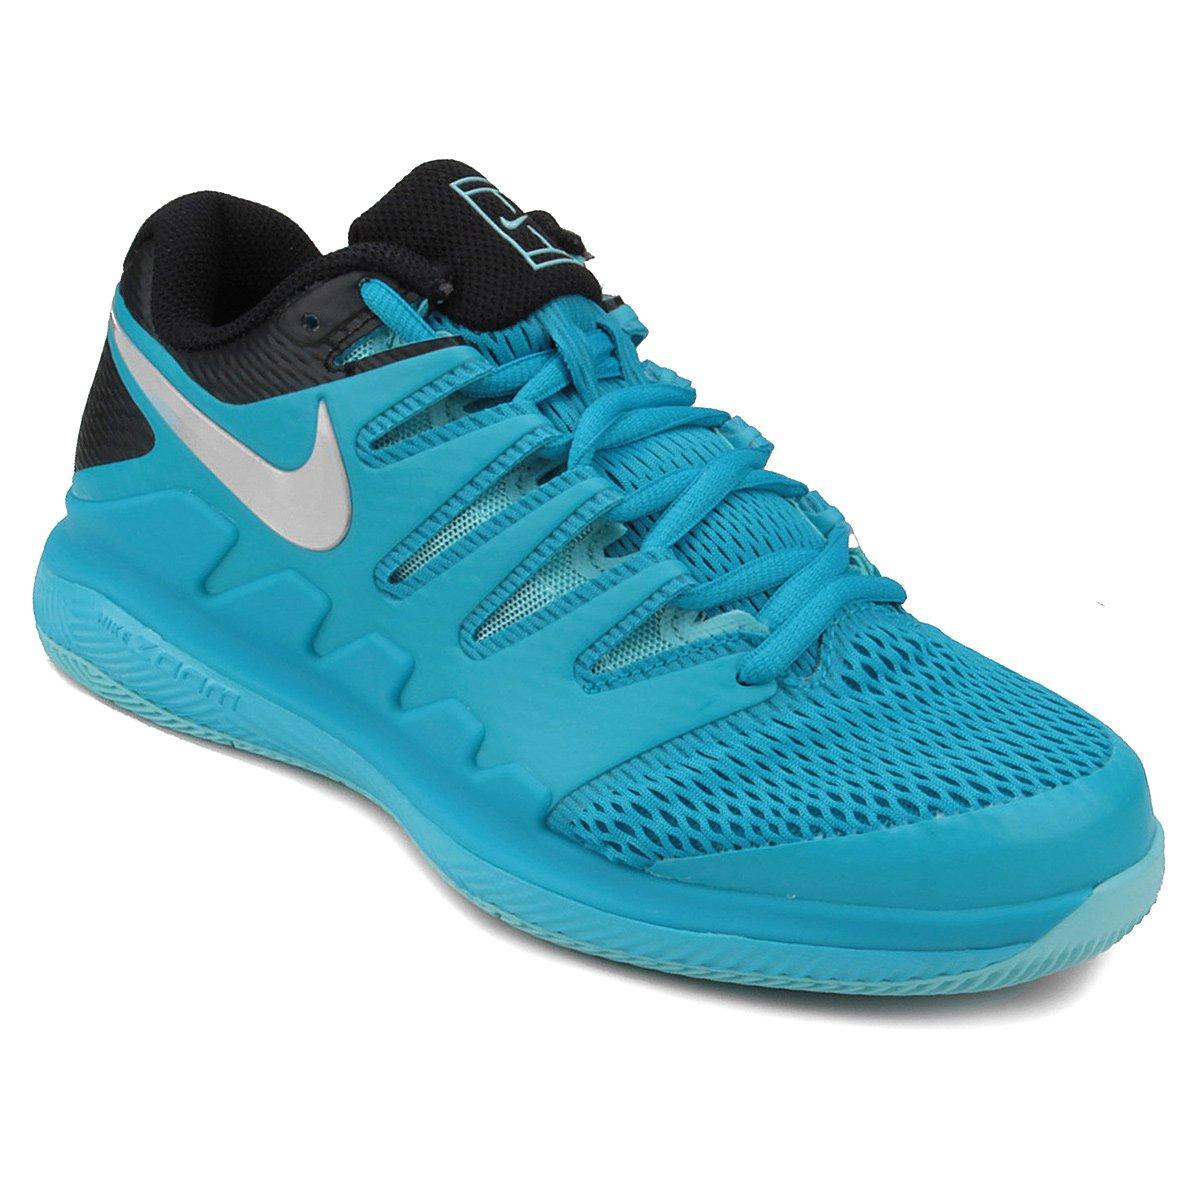 f9162b1200d Tênis Nike Air Zoom Vapor X Feminino - Compre Agora